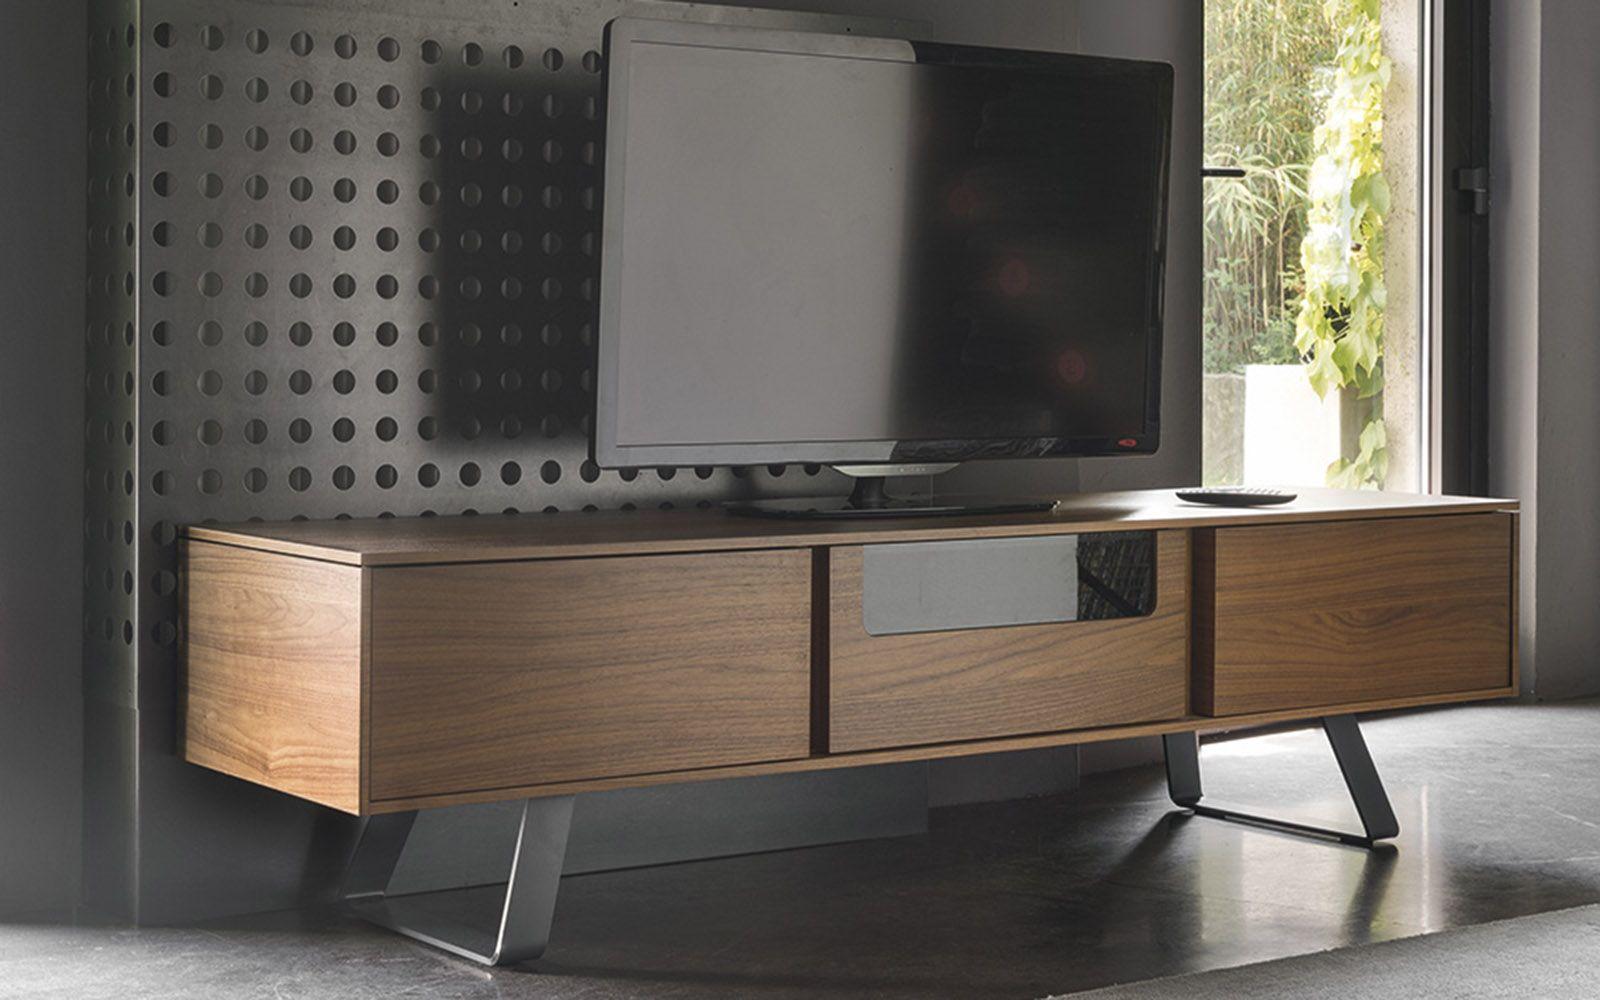 Calligaris Mobili Porta Tv.Madia Porta Tv Secret Calligaris Porta Tv Porte